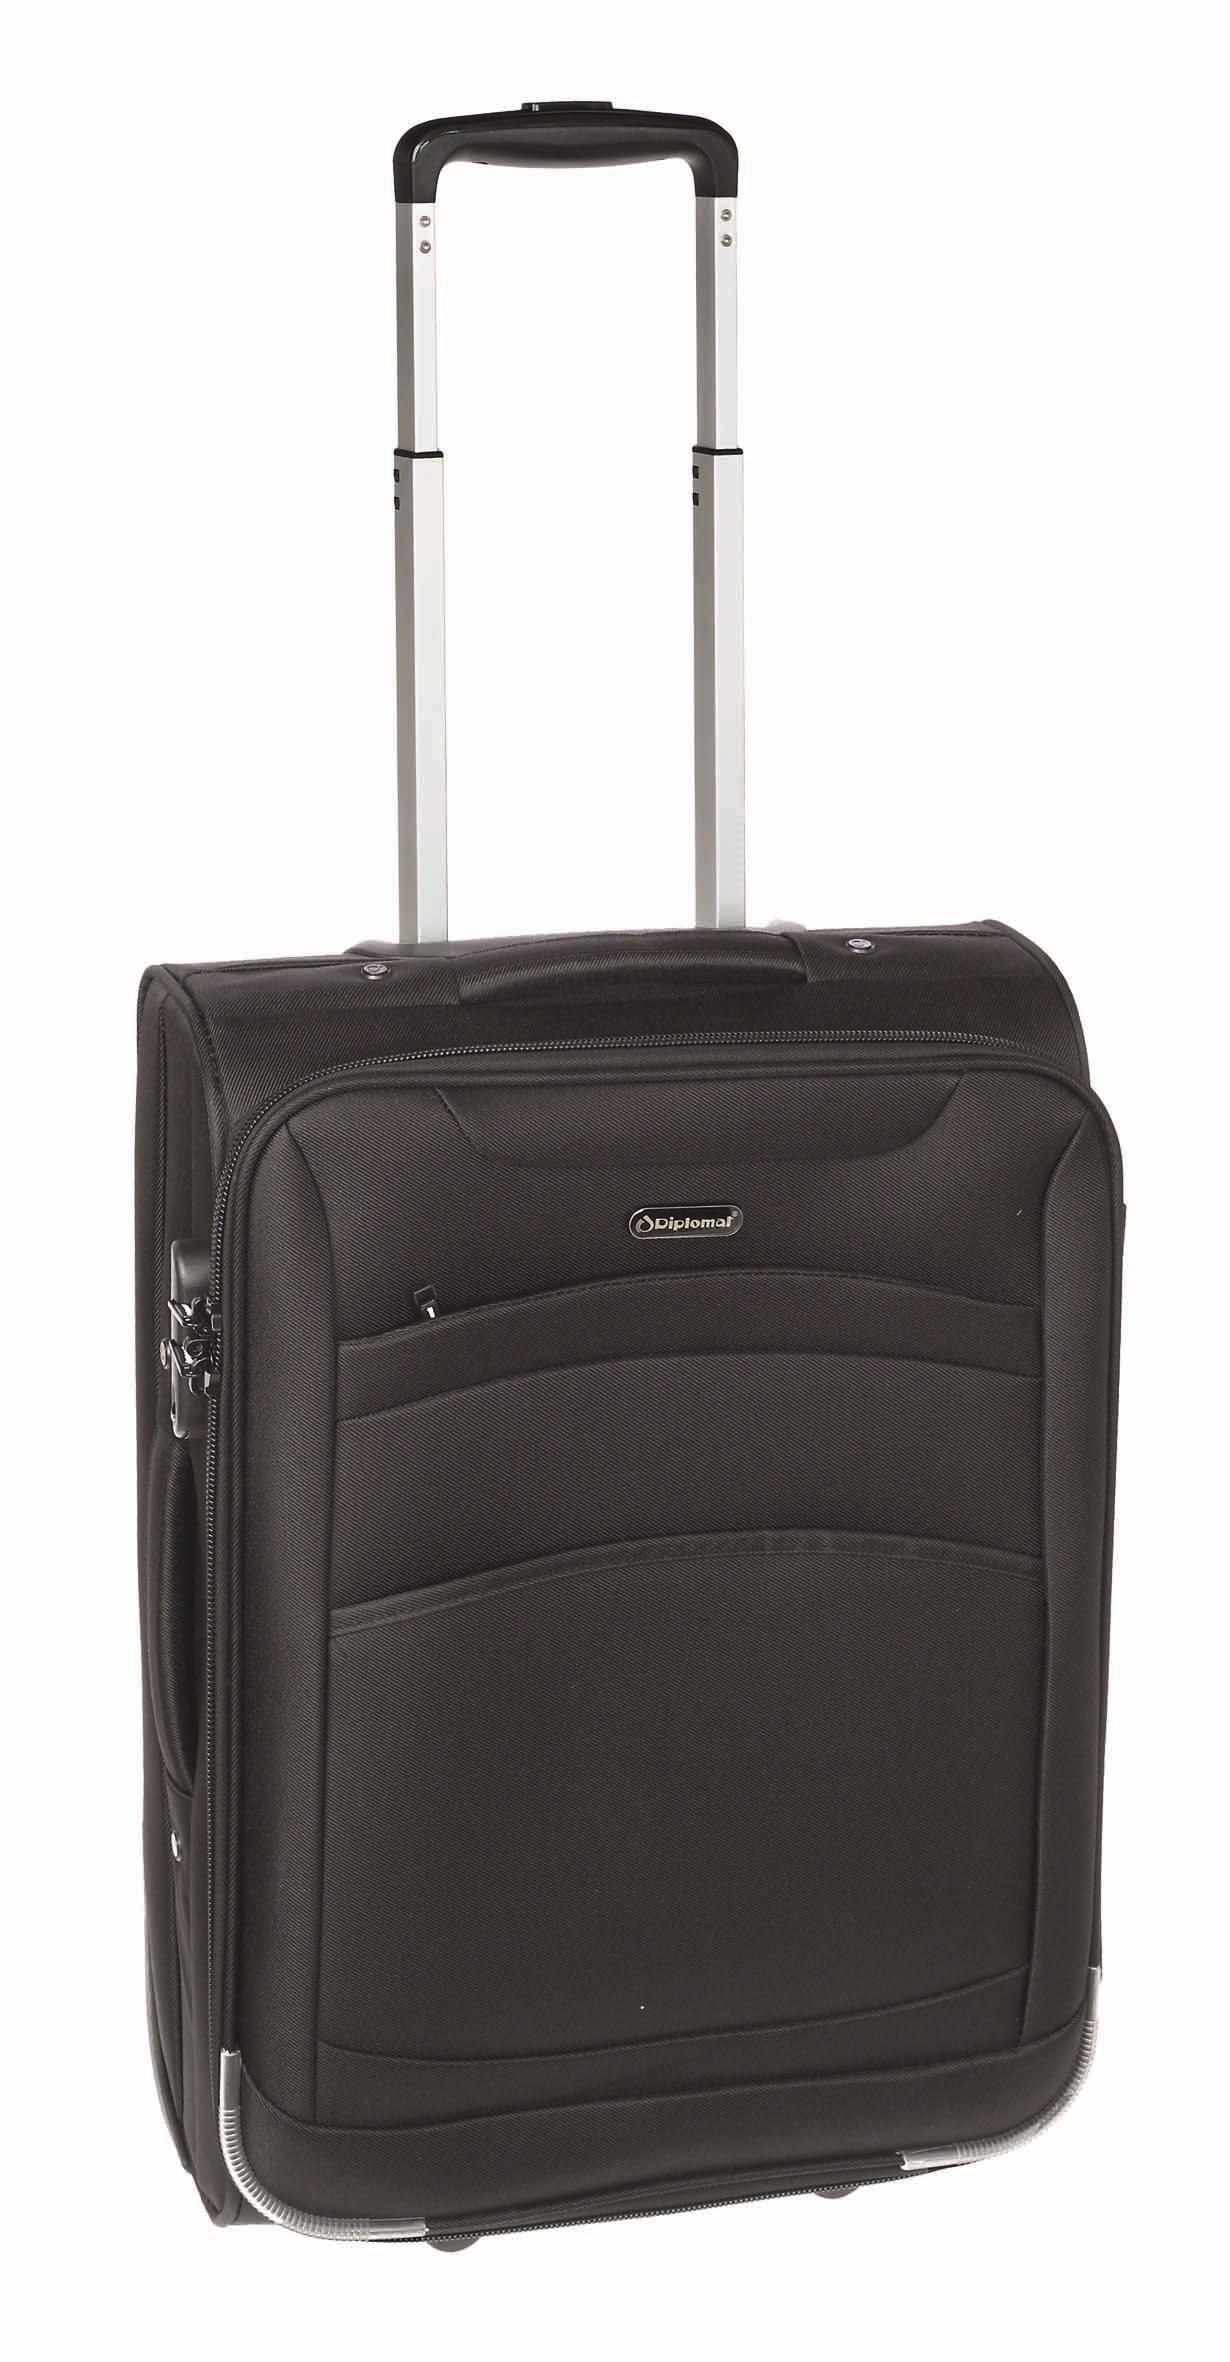 Βαλίτσα καμπίνας Diplomat ZC6018 55x40x20εκ Μαύρο